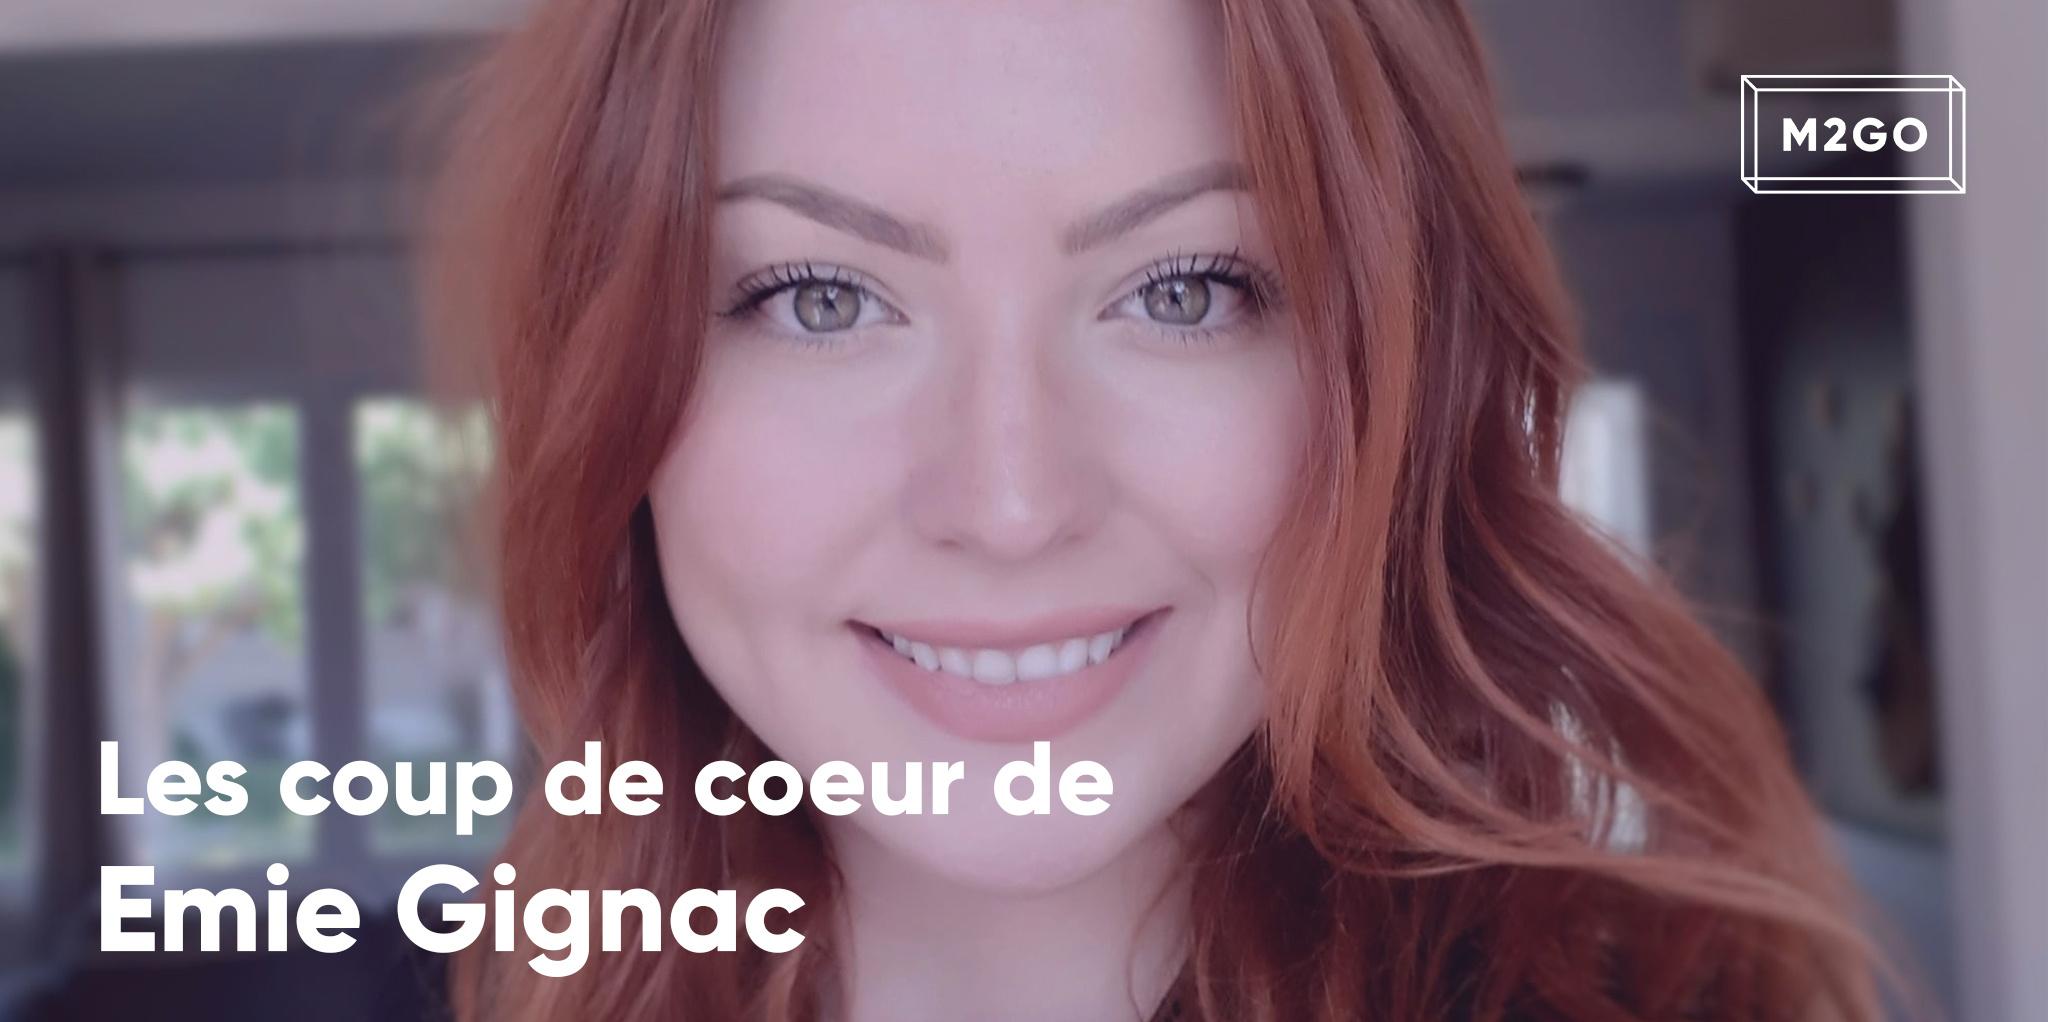 Les coups de coeur d'Emie Gignac